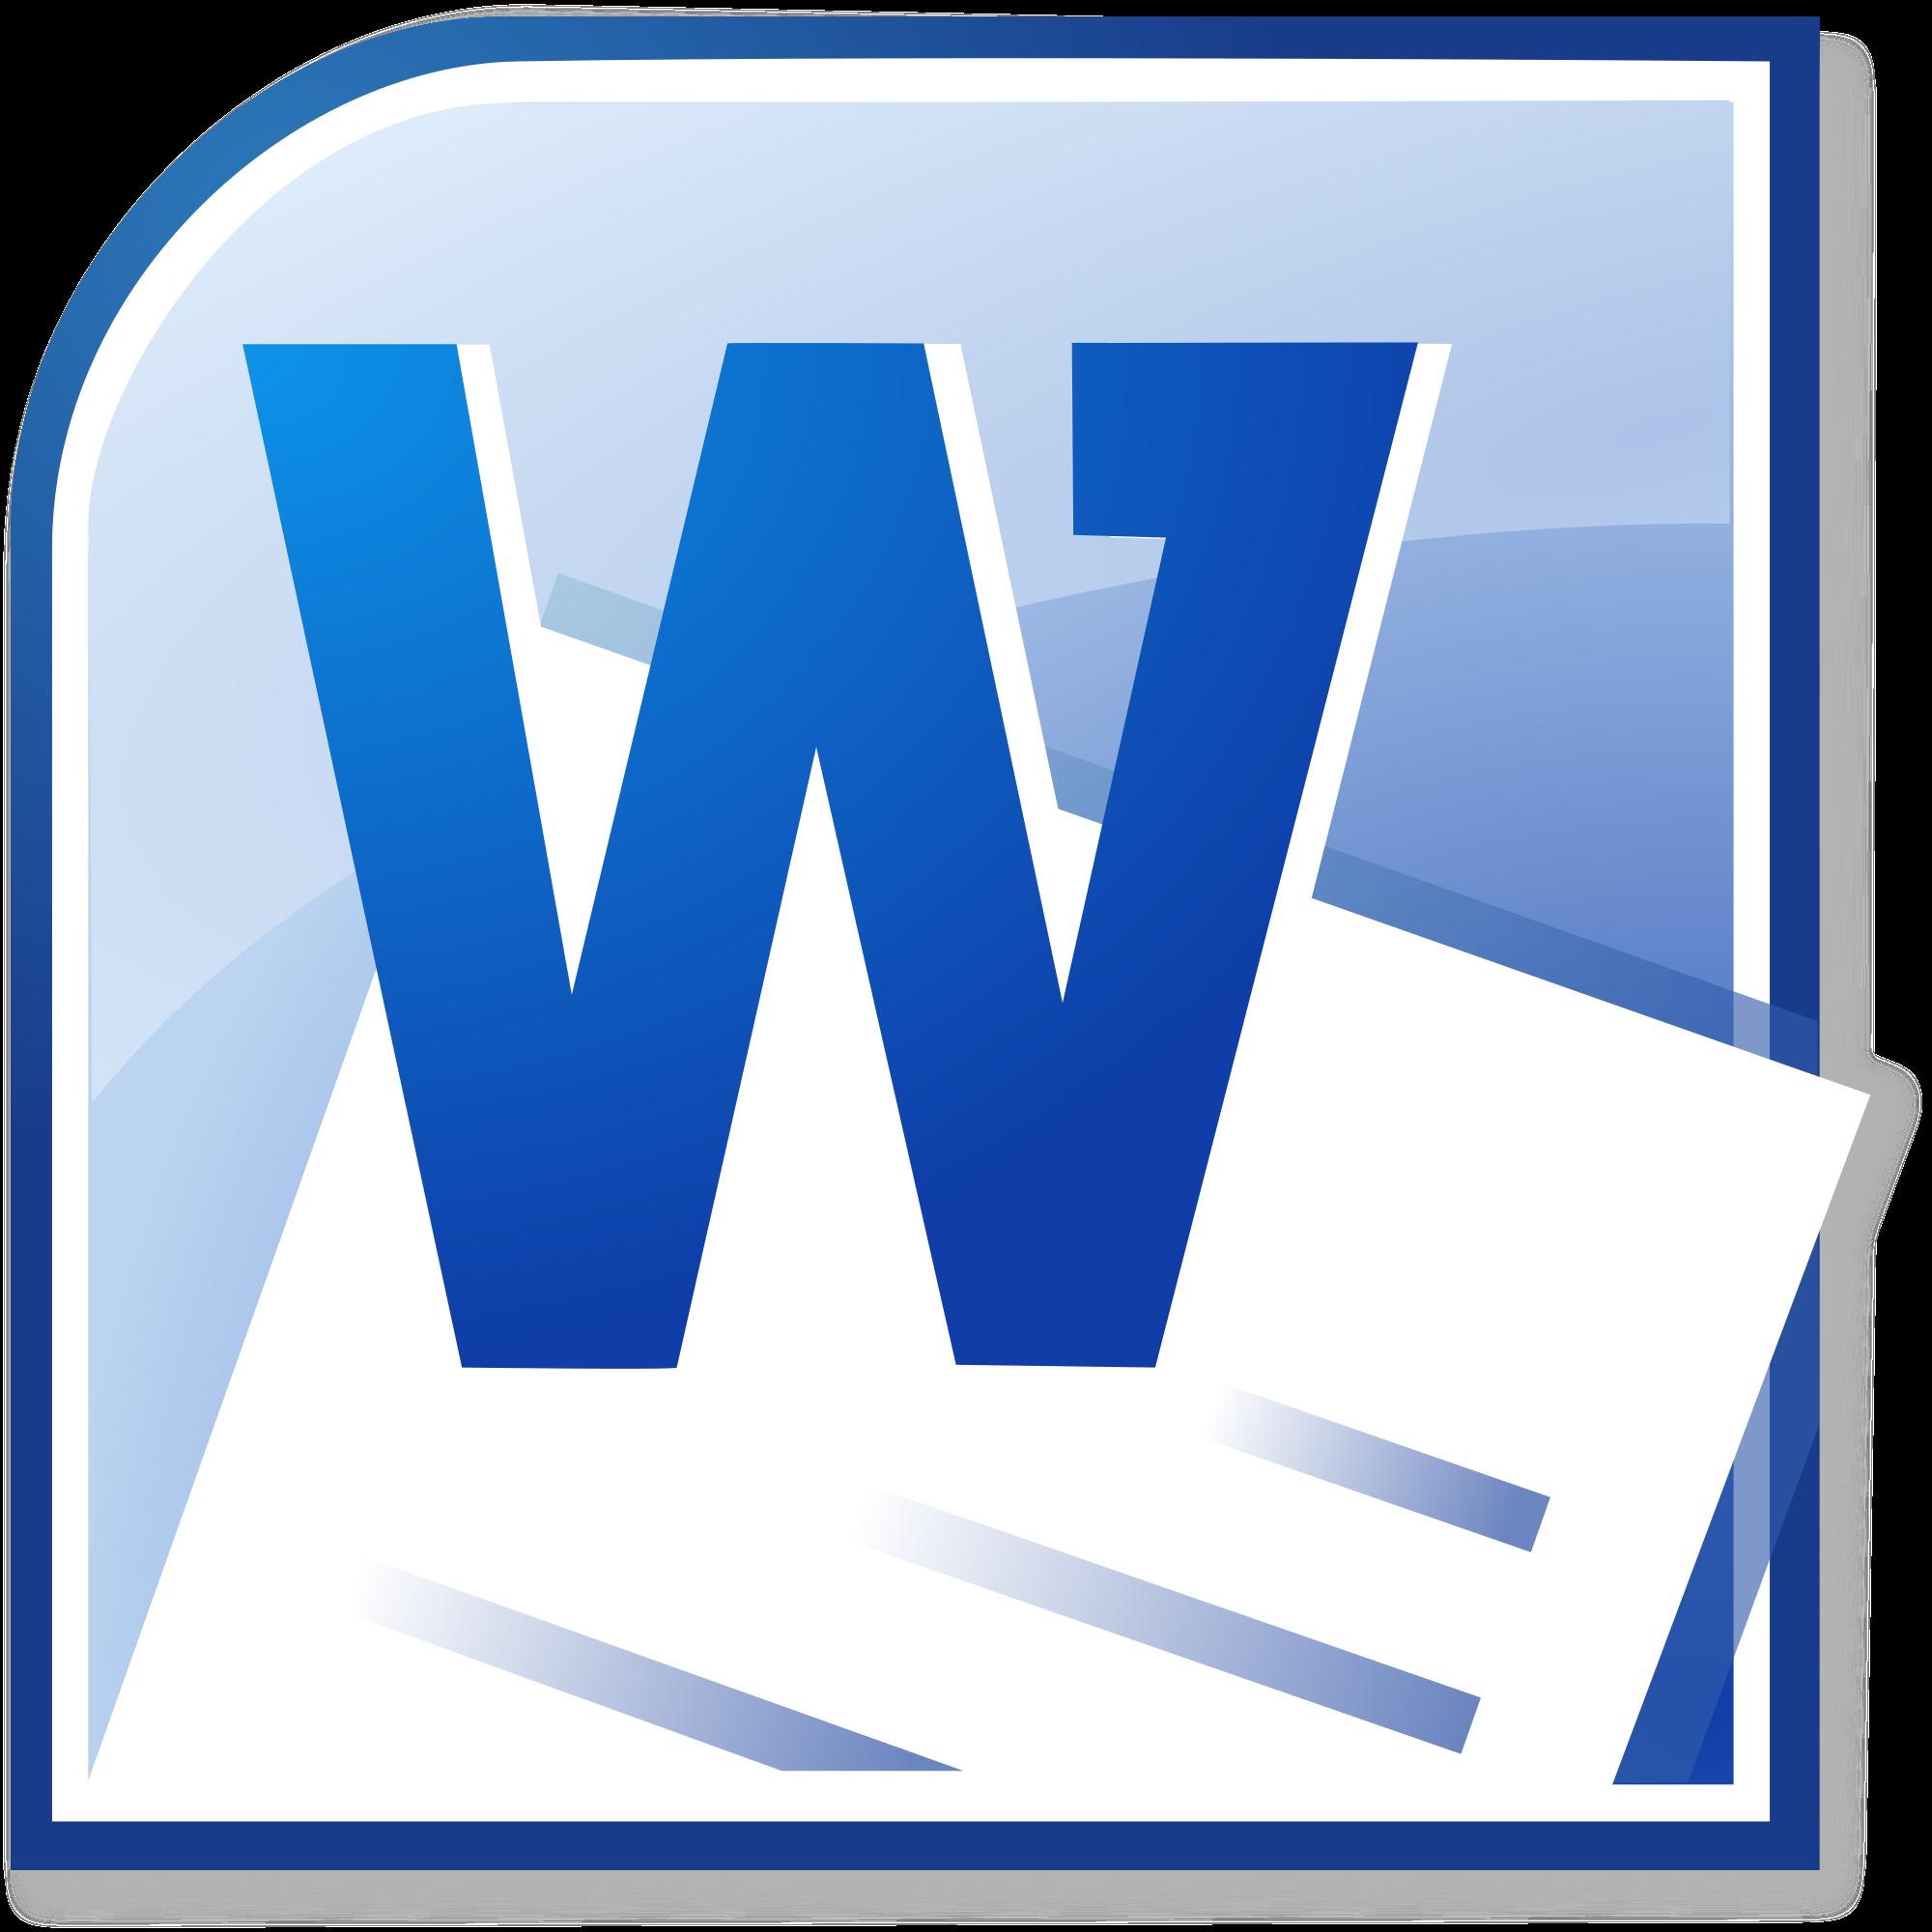 مايكروسوفت تحذر من ثغرة أمنية في برنامج Word